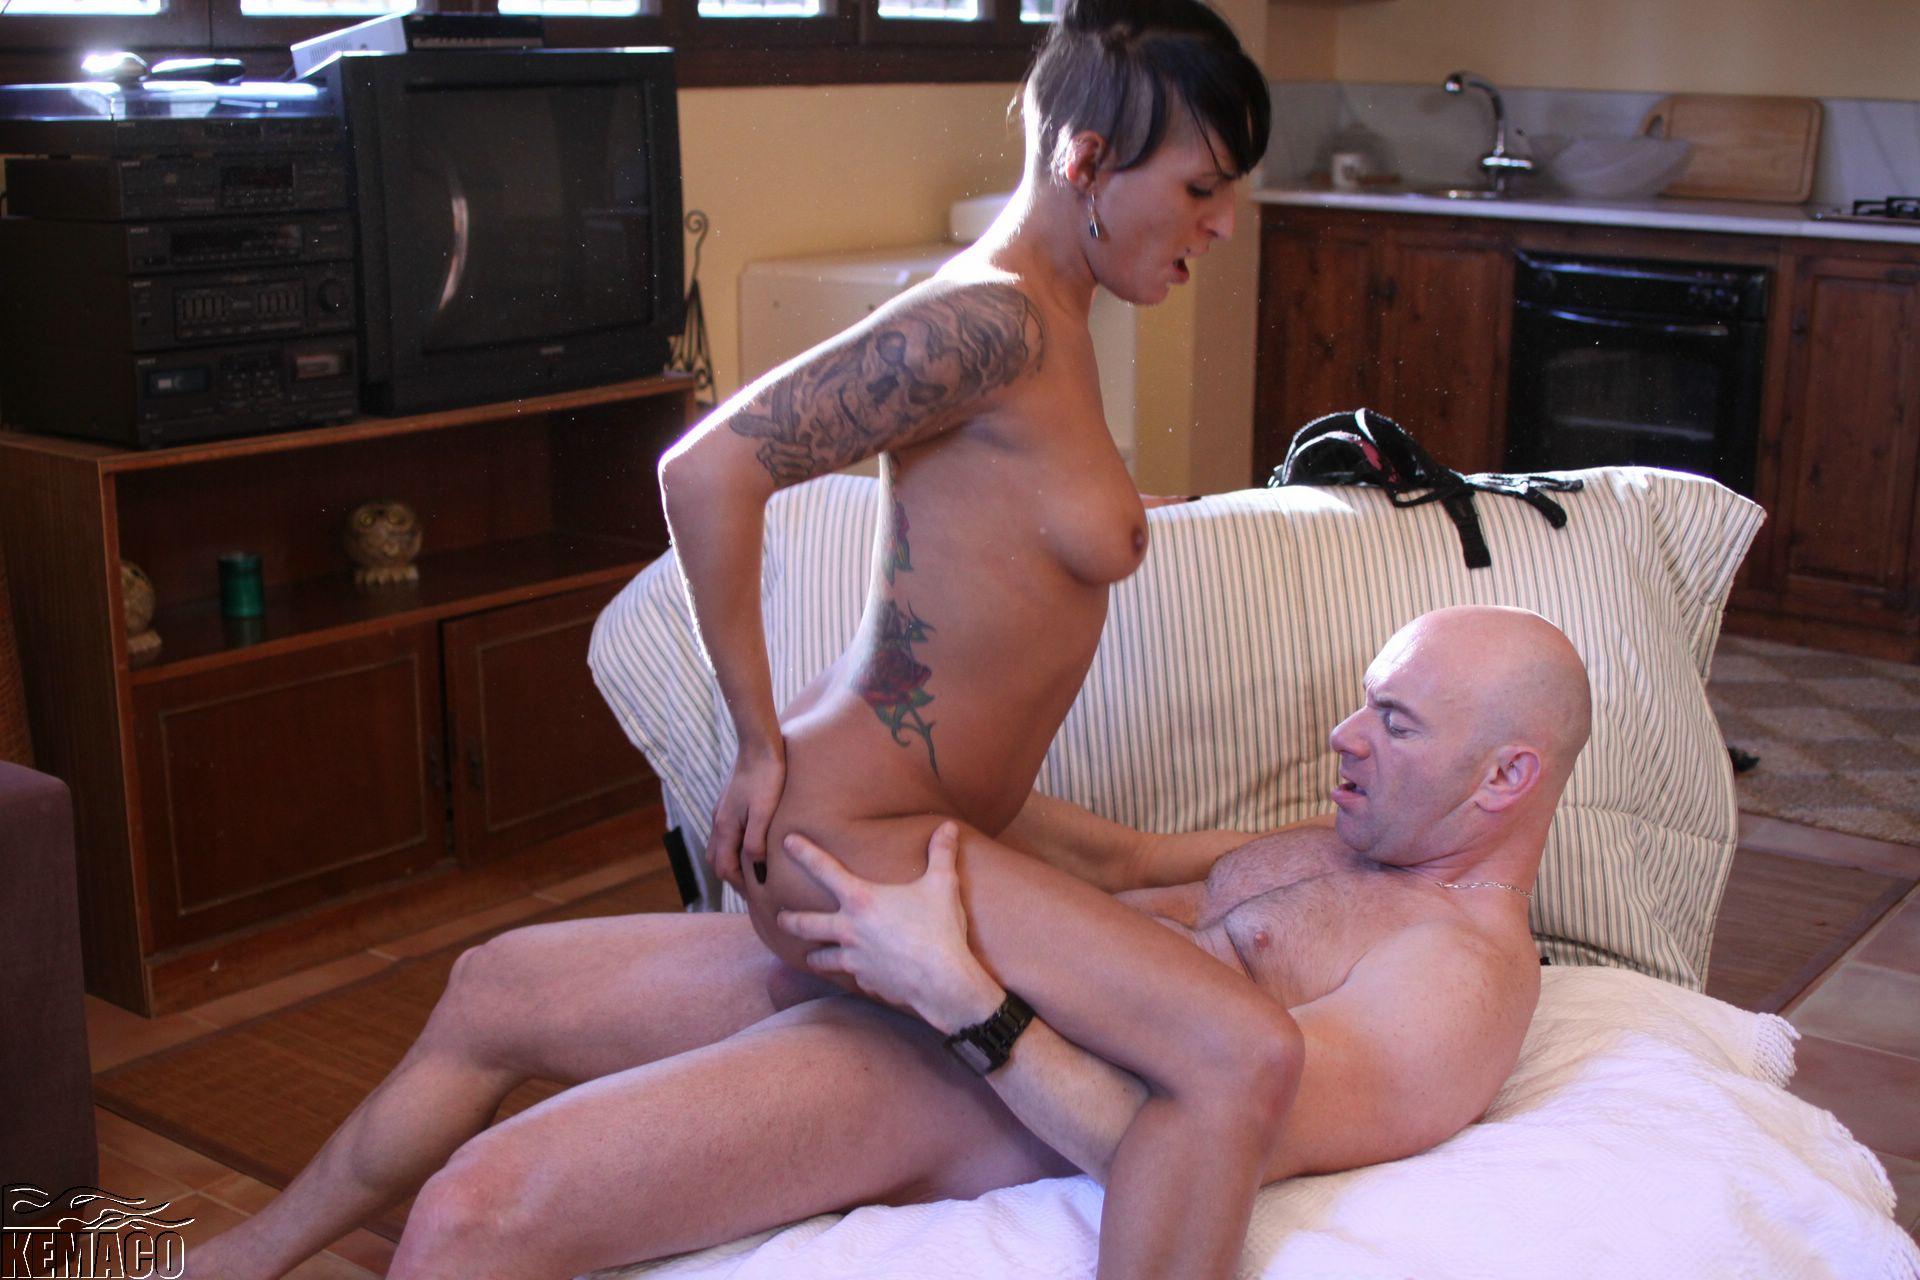 Тони тедеши порно, Tony Tedeschi » Смотреть Порно фильмы онлайн 26 фотография